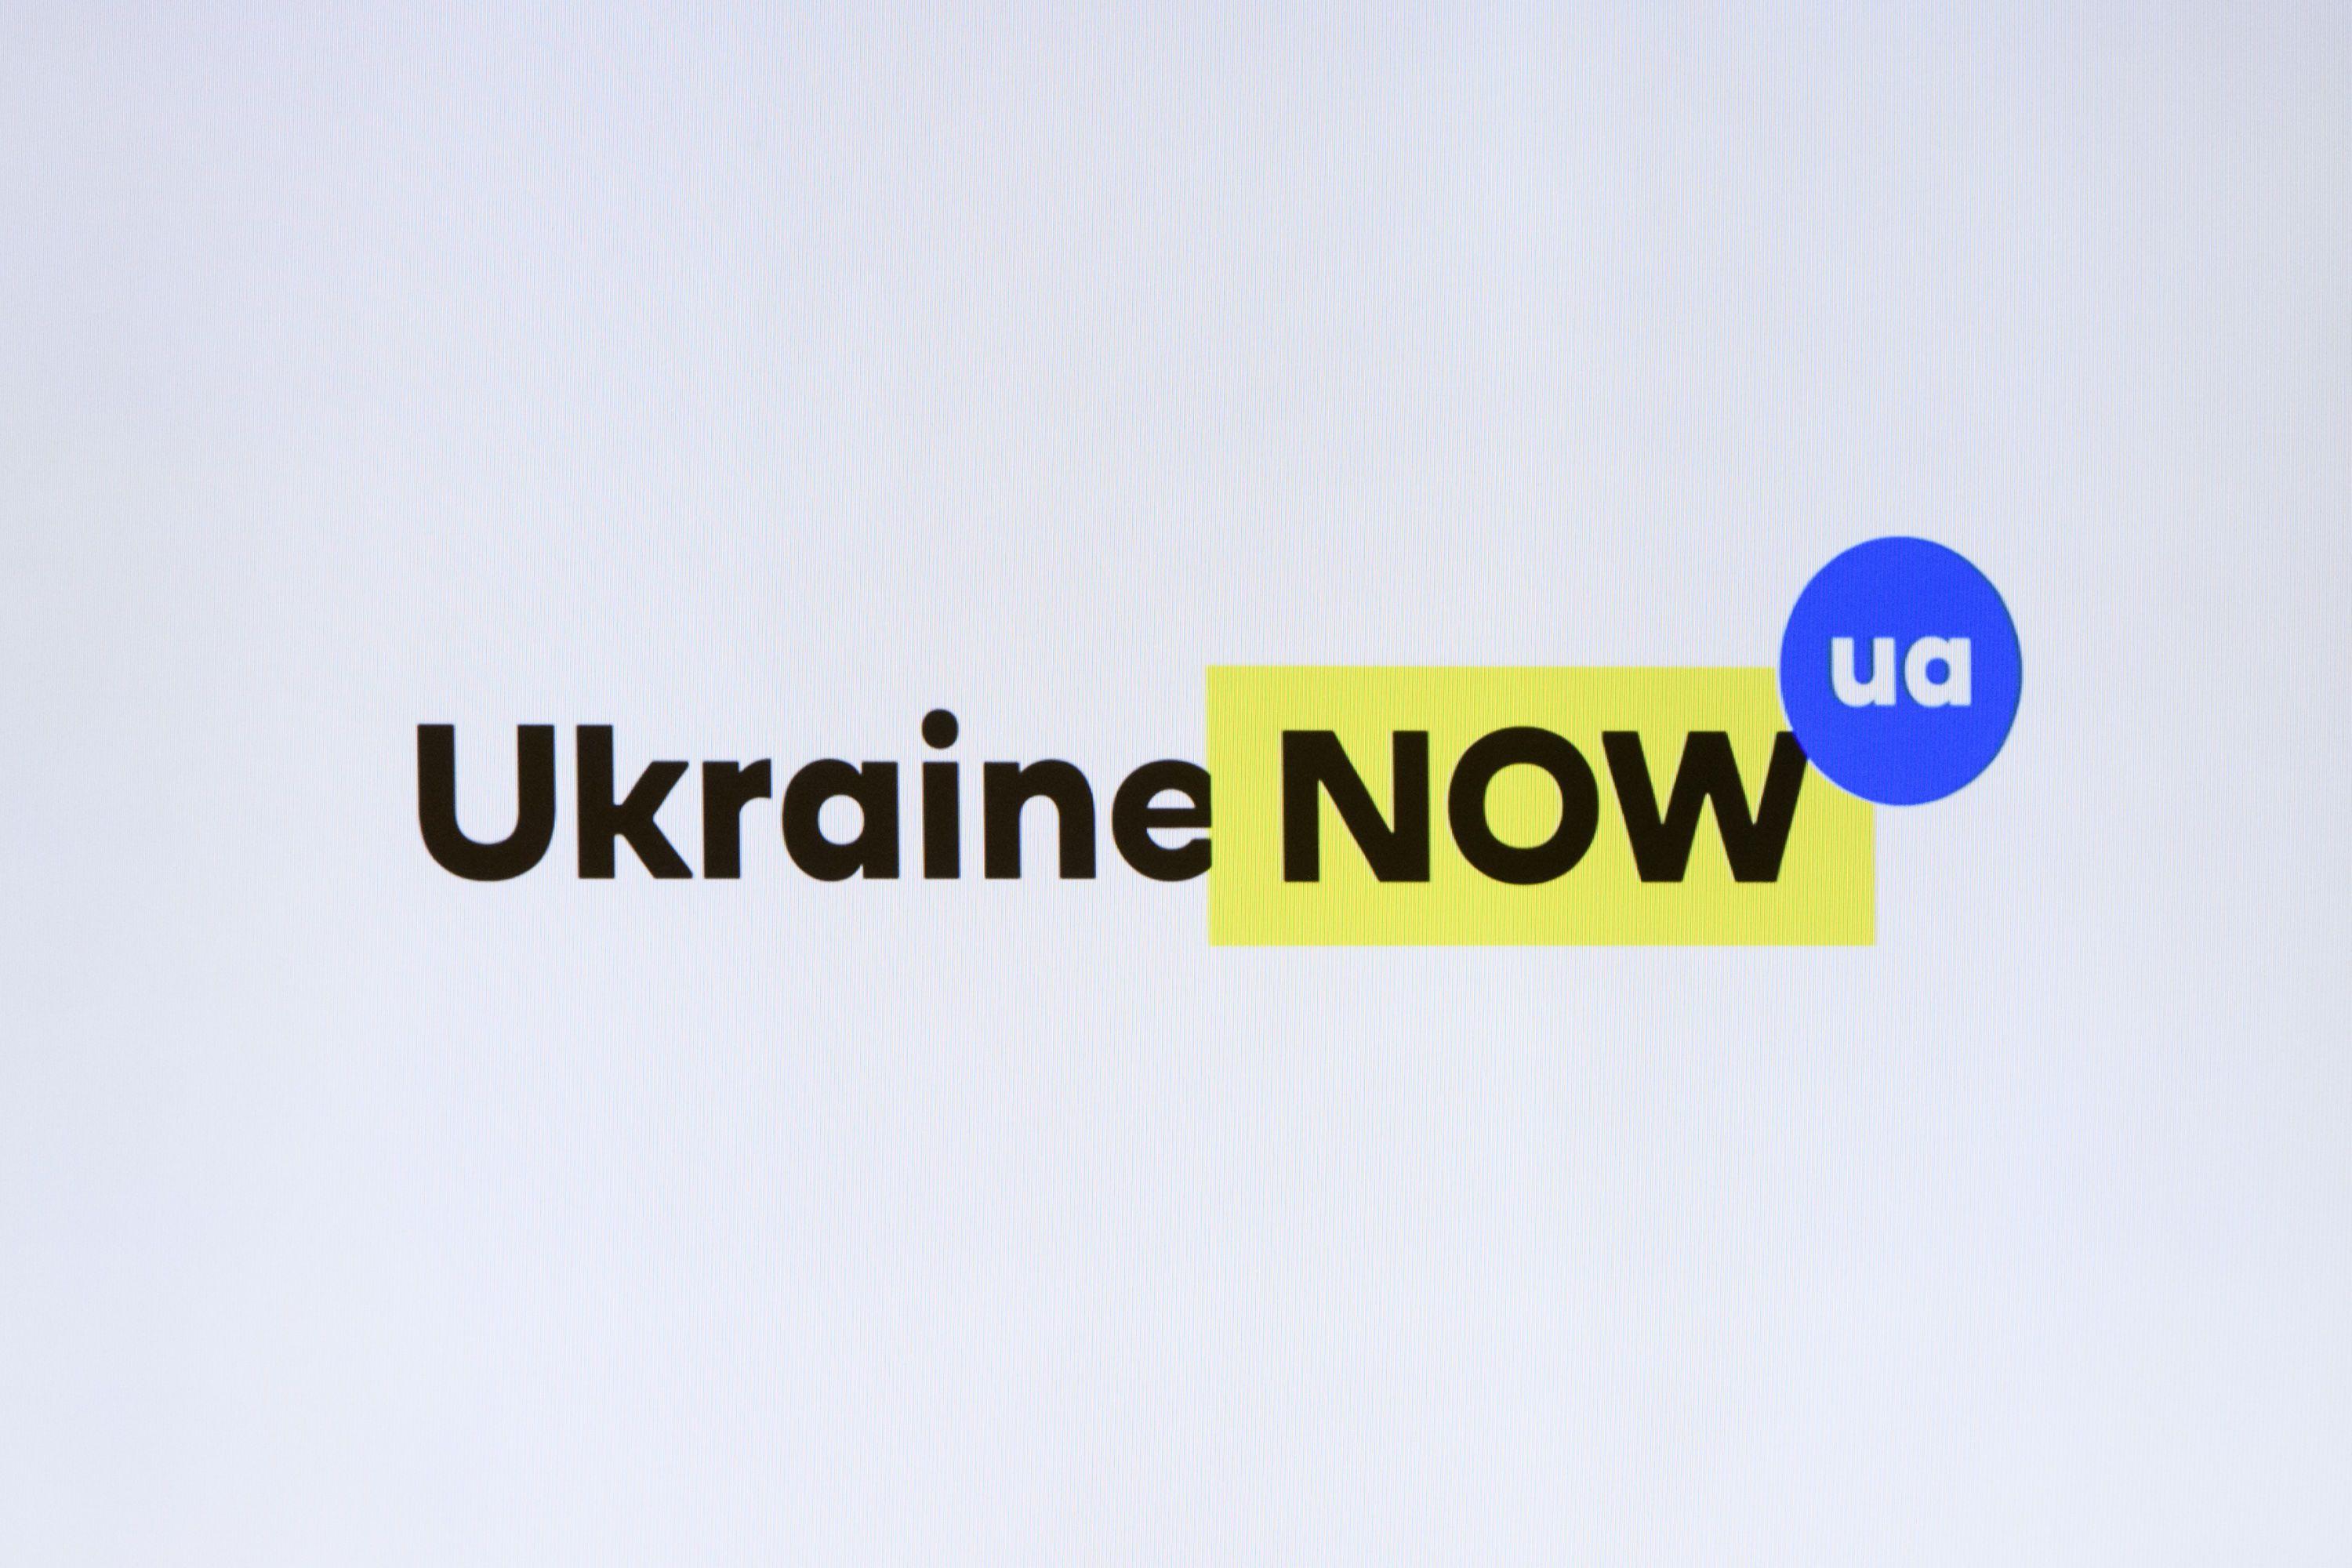 Україна отримала офіційний бренд країни